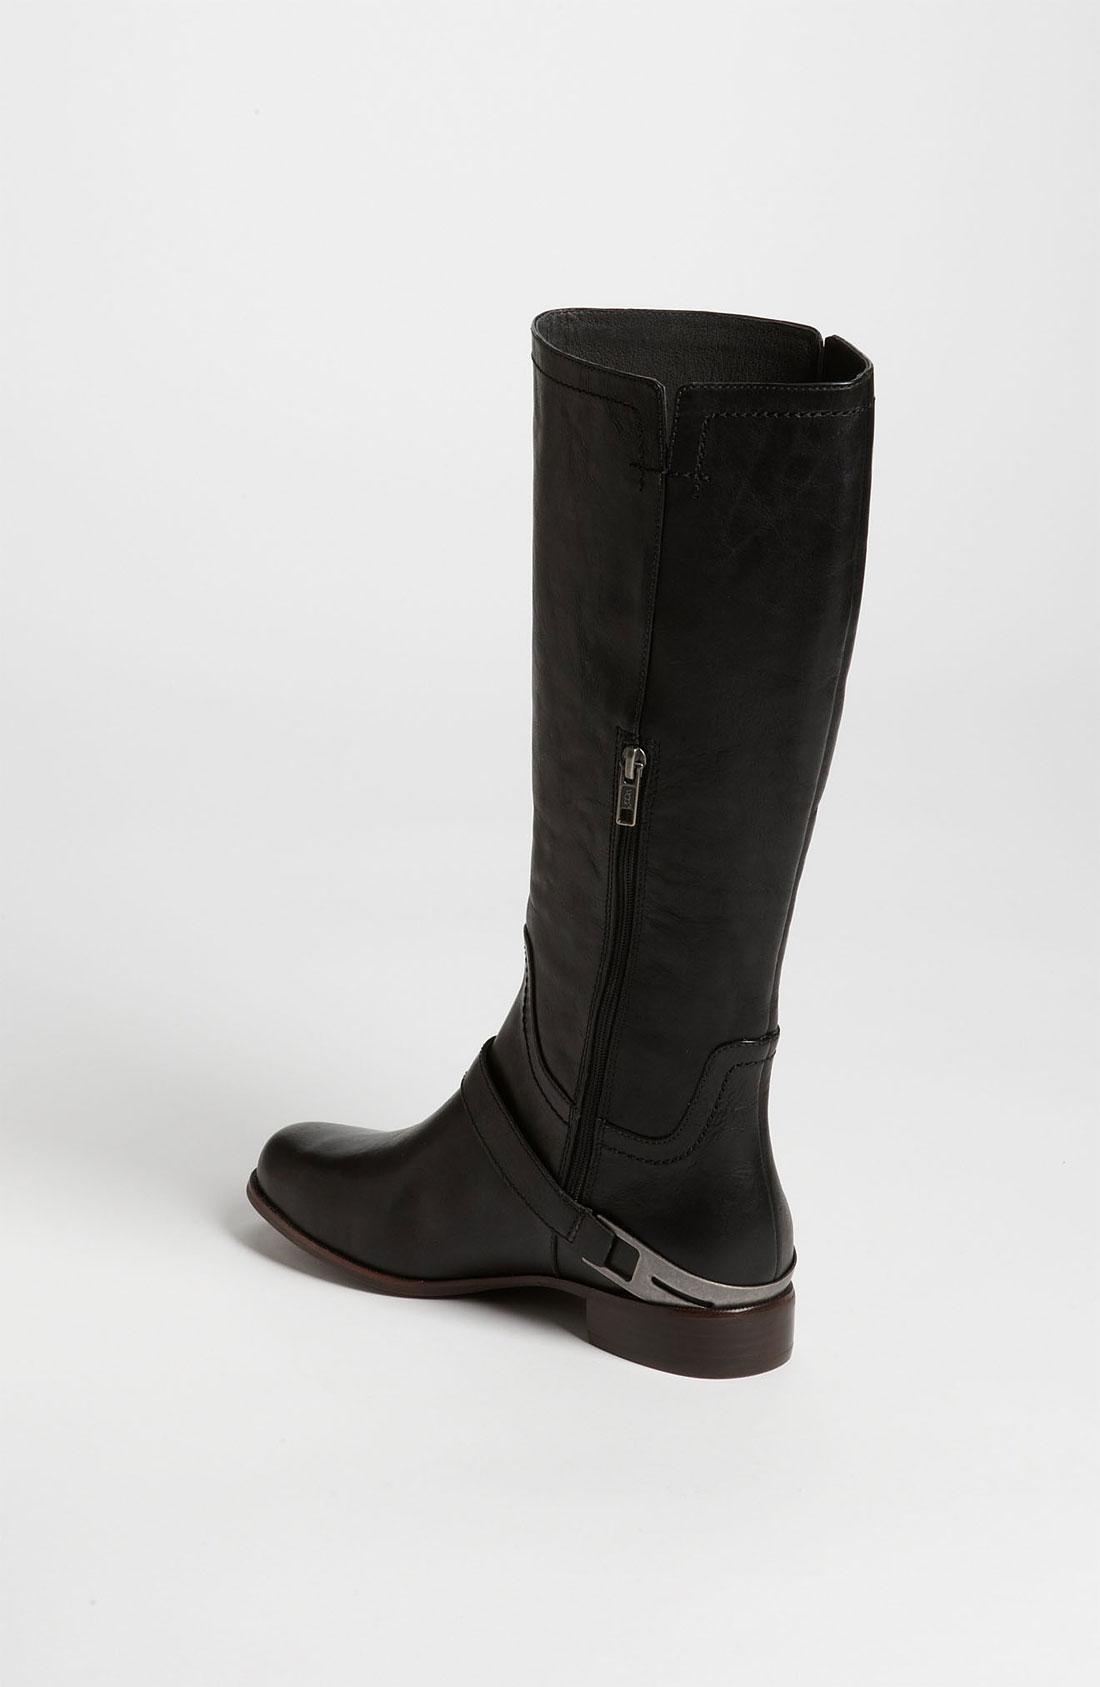 UGG australia broome ii en cuir noir